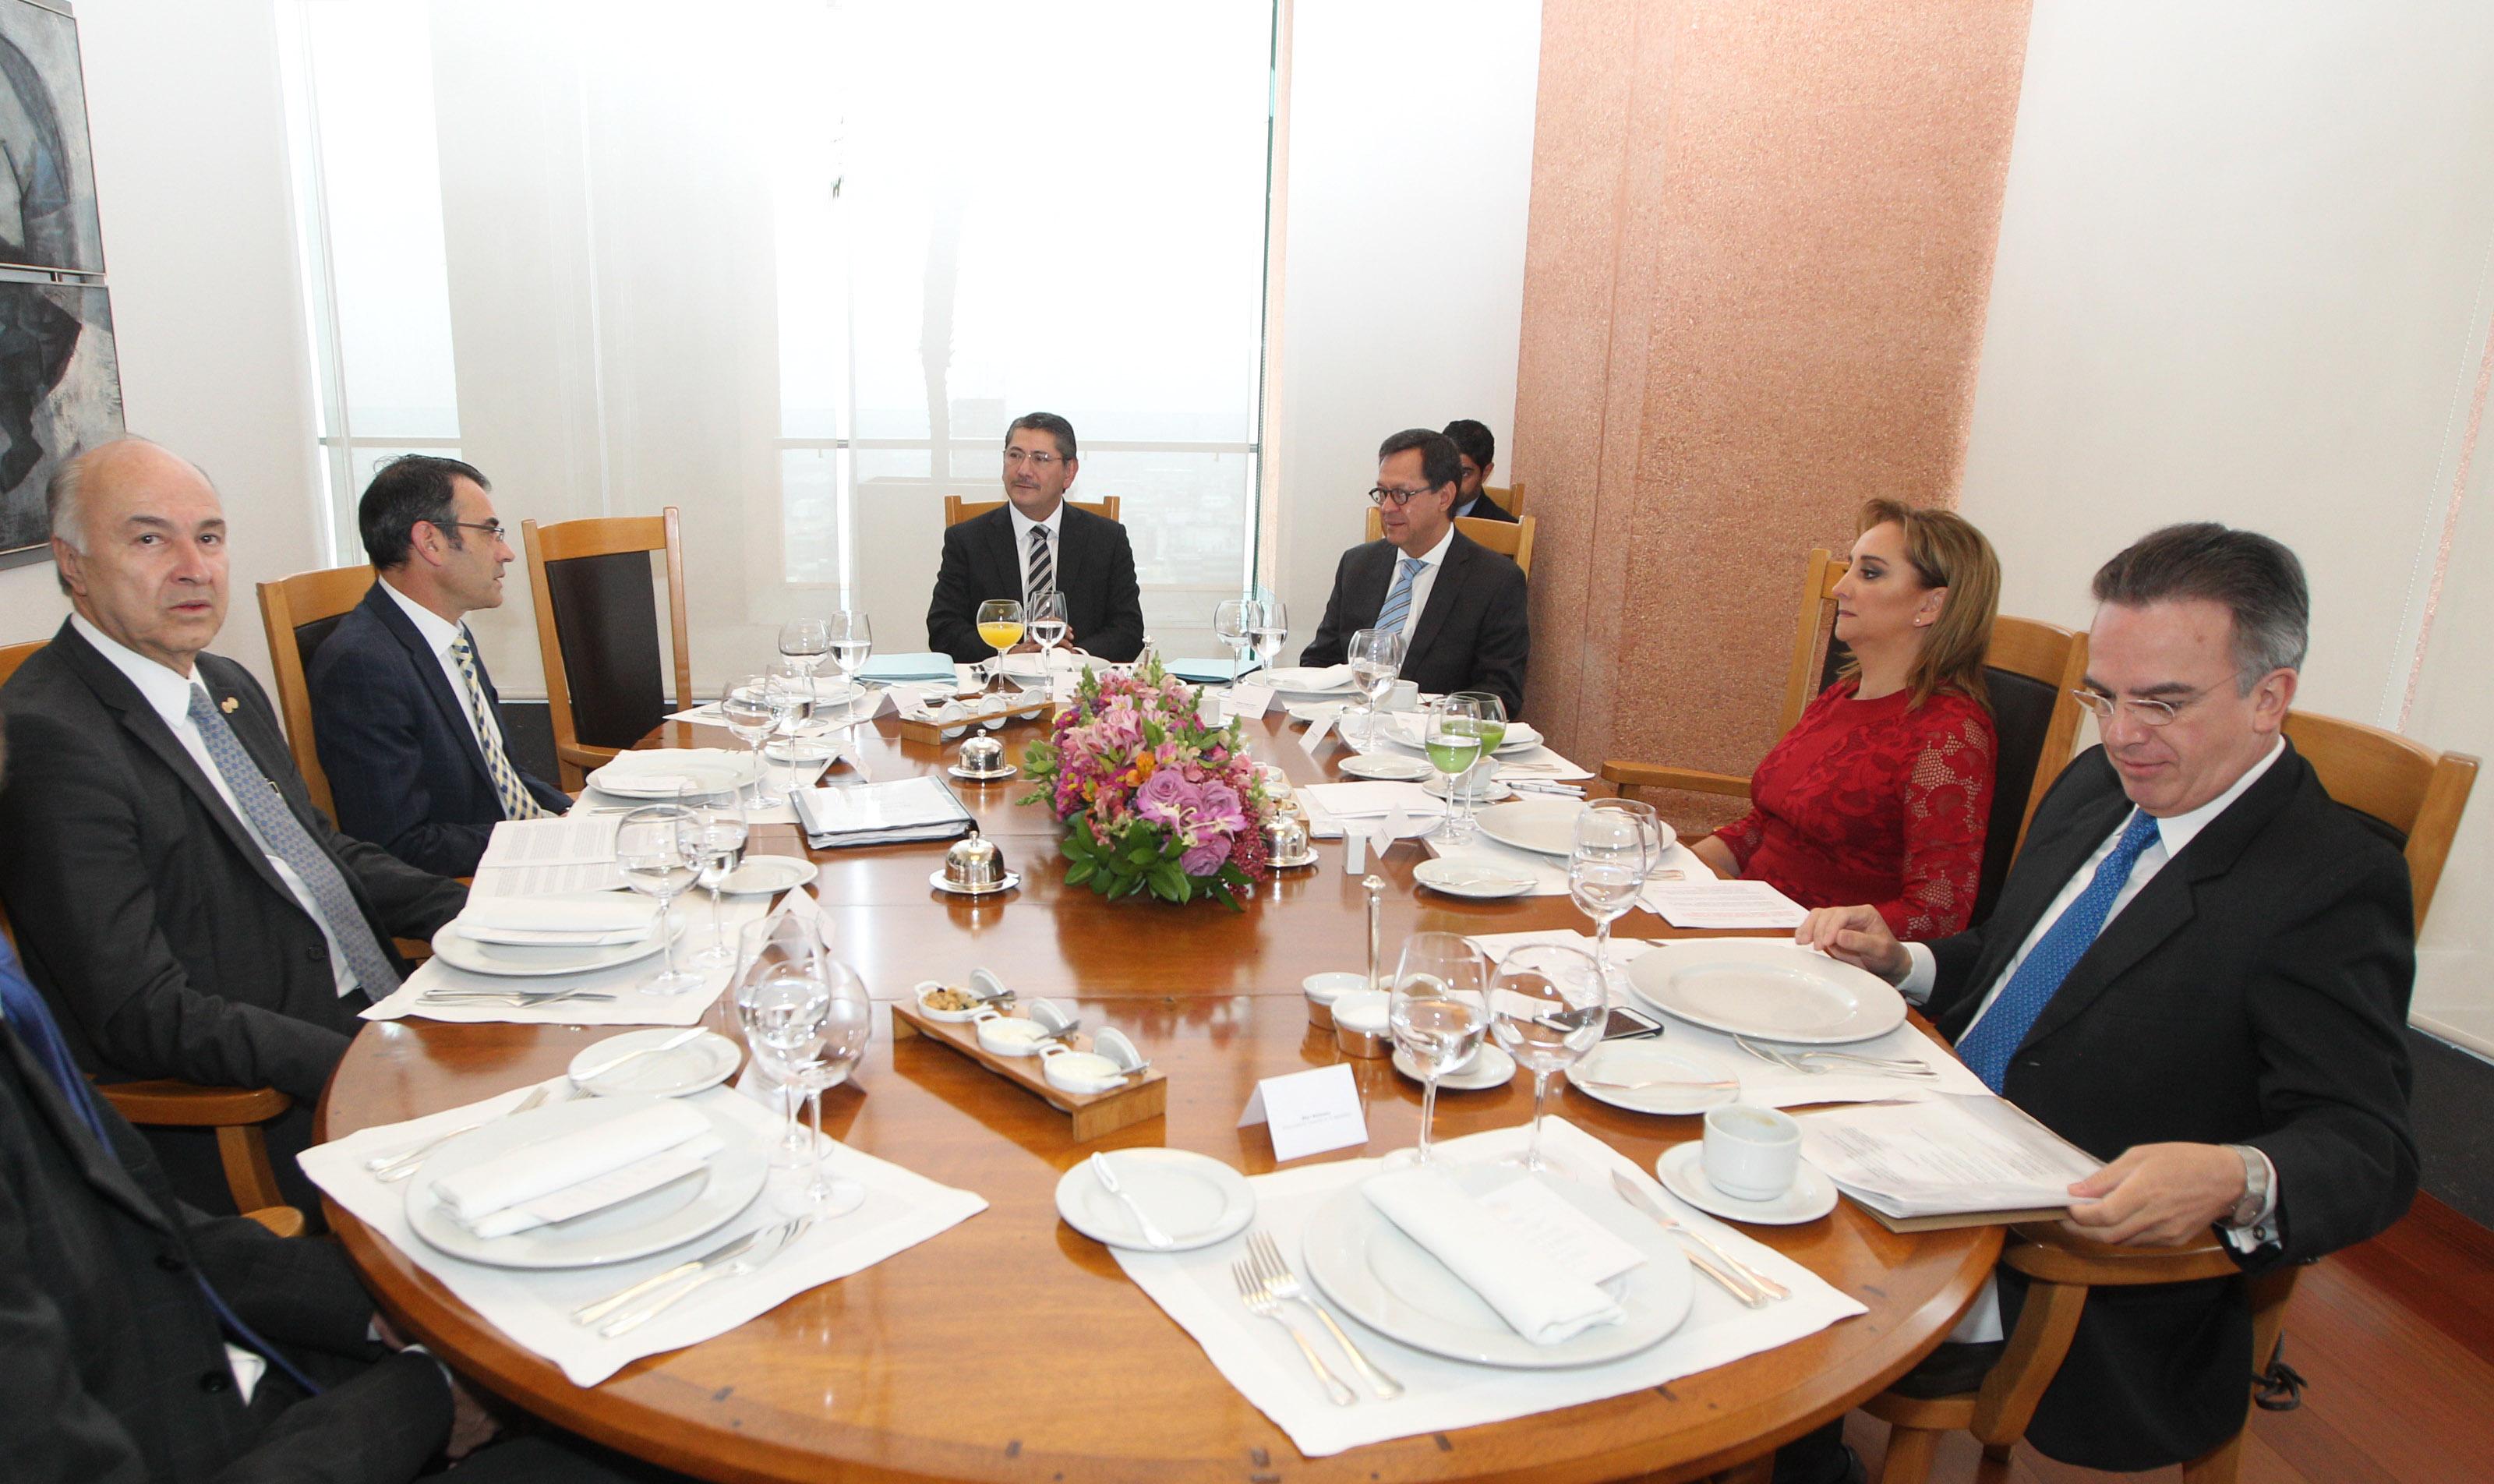 El Gobierno de la República recibe la primera visita del mecanismo de seguimiento del caso Iguala